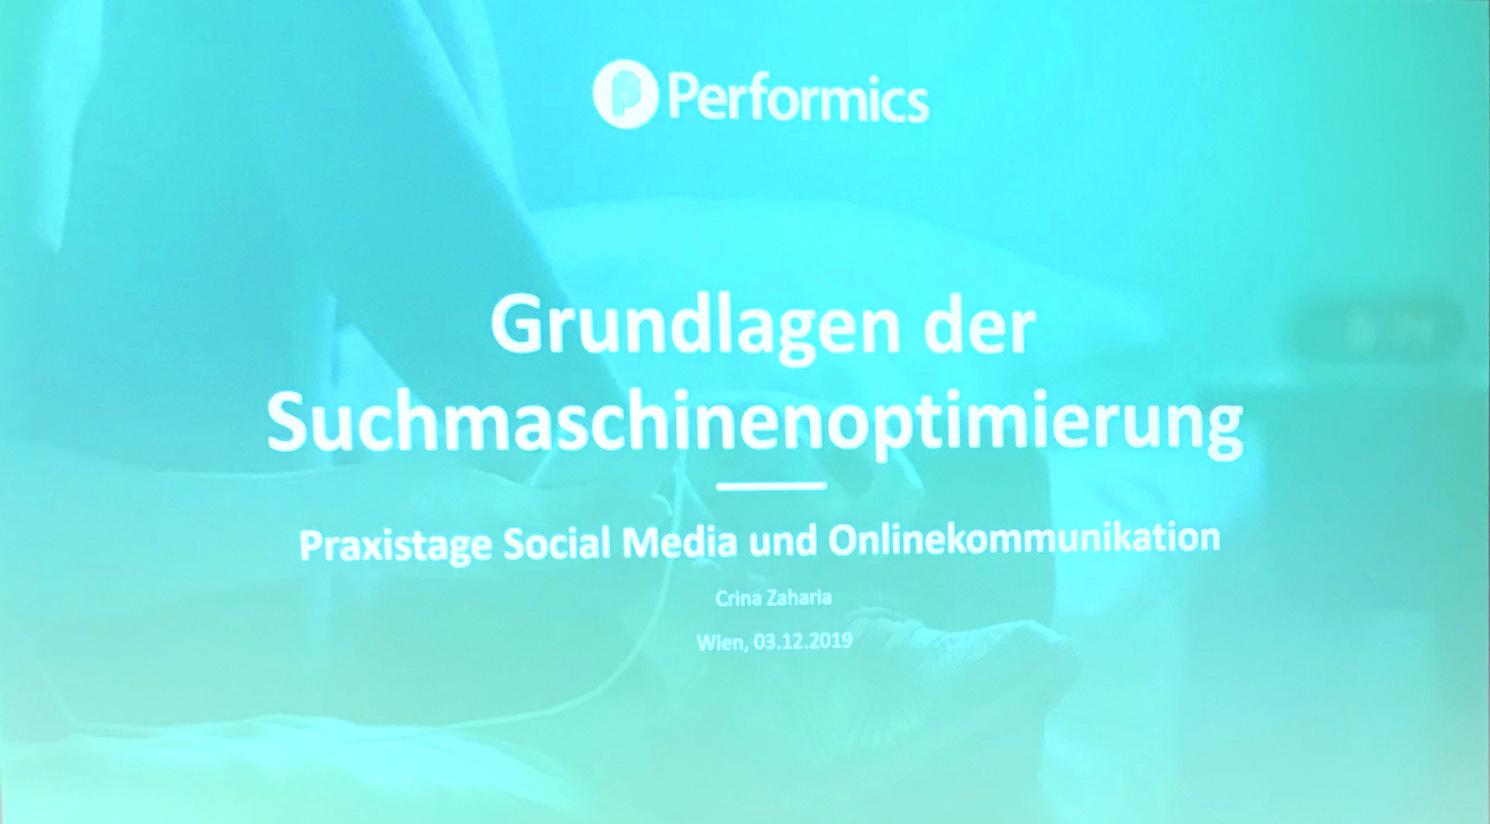 All about SEO basics: Performics bei den SCM Praxistagen